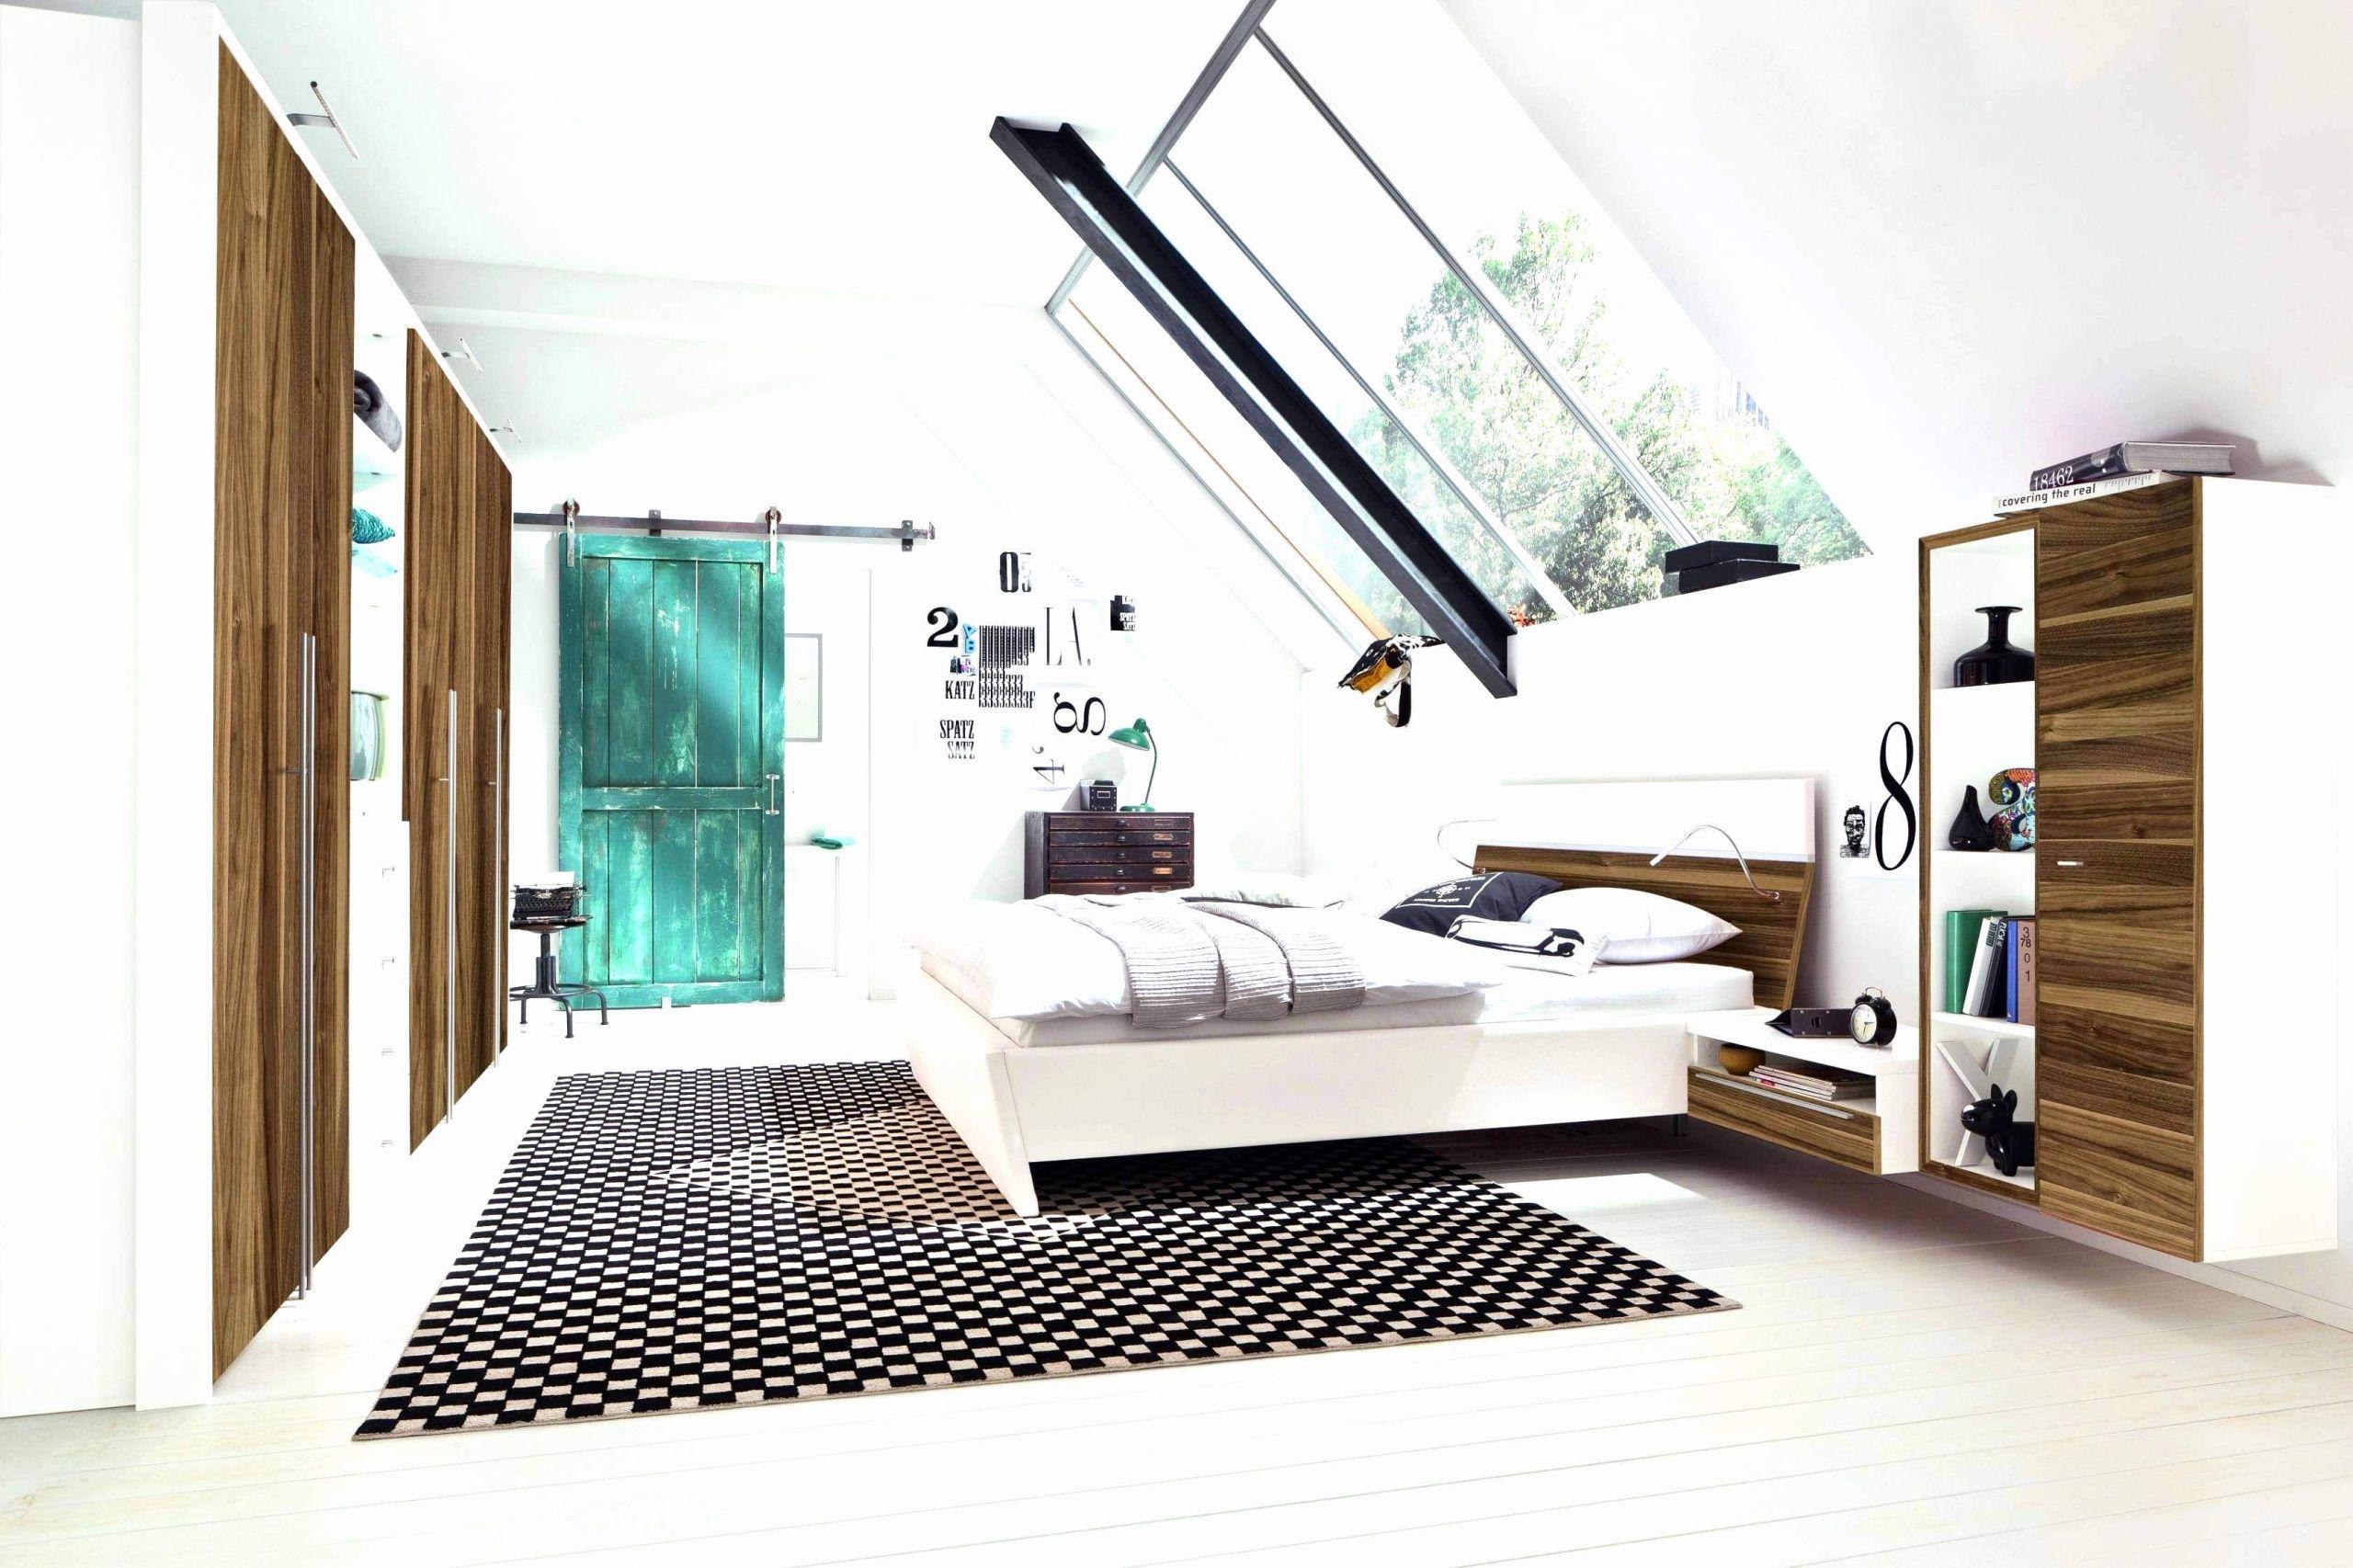 Deko Ideen Für Garten Neu 36 Inspirierend Ideen Für Wohnzimmer Genial